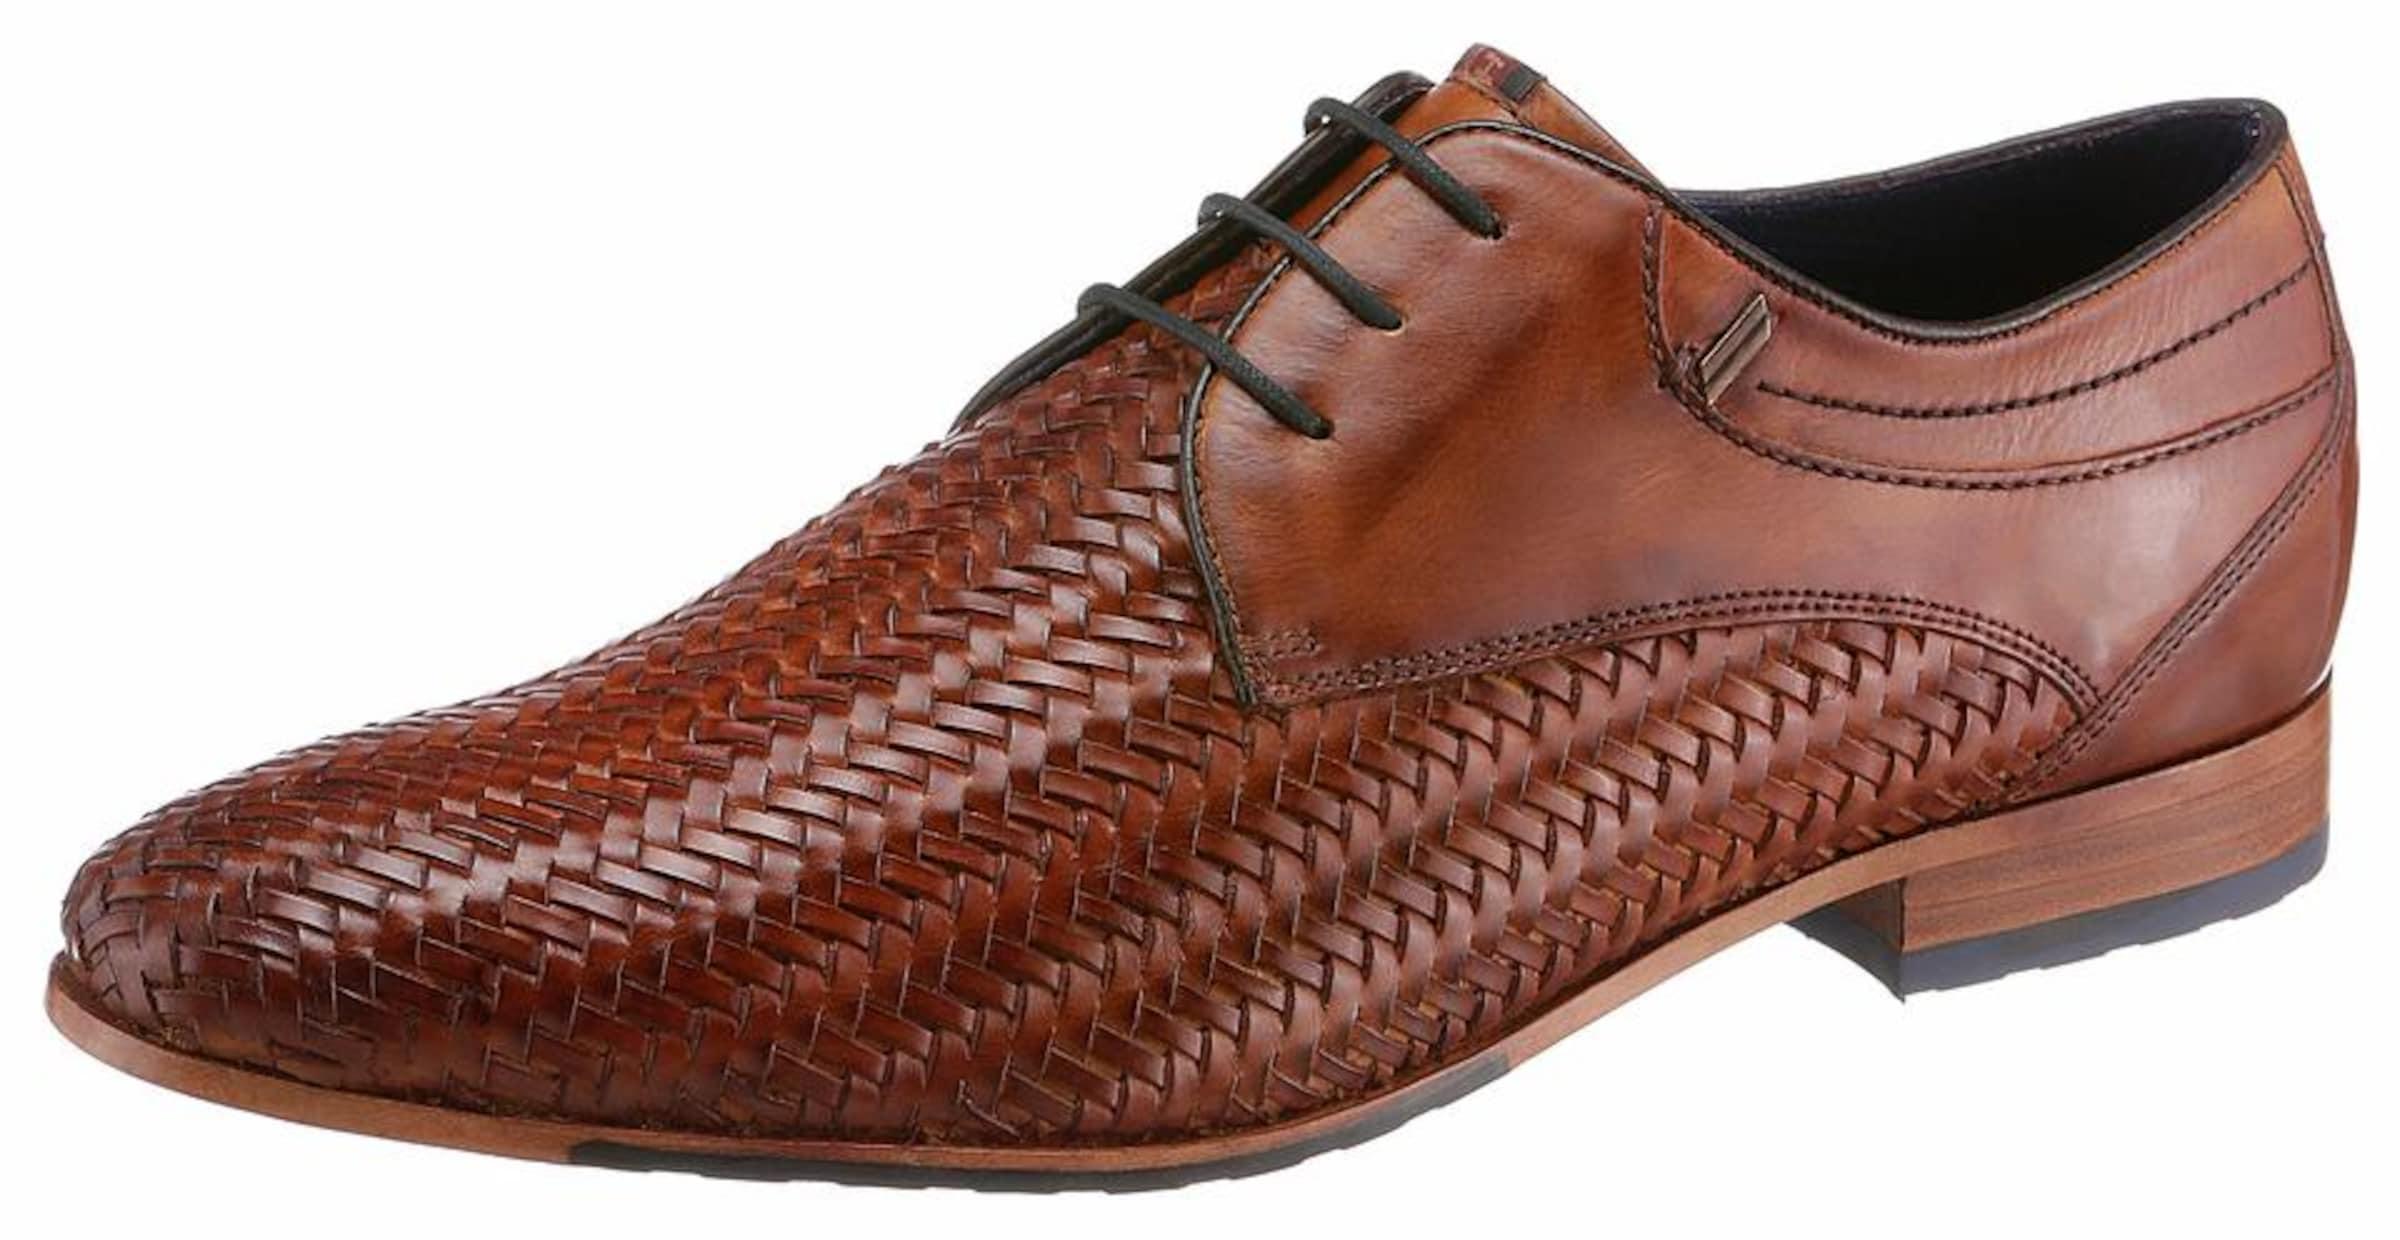 DANIEL HECHTER Schnürschuh Günstige und langlebige Schuhe